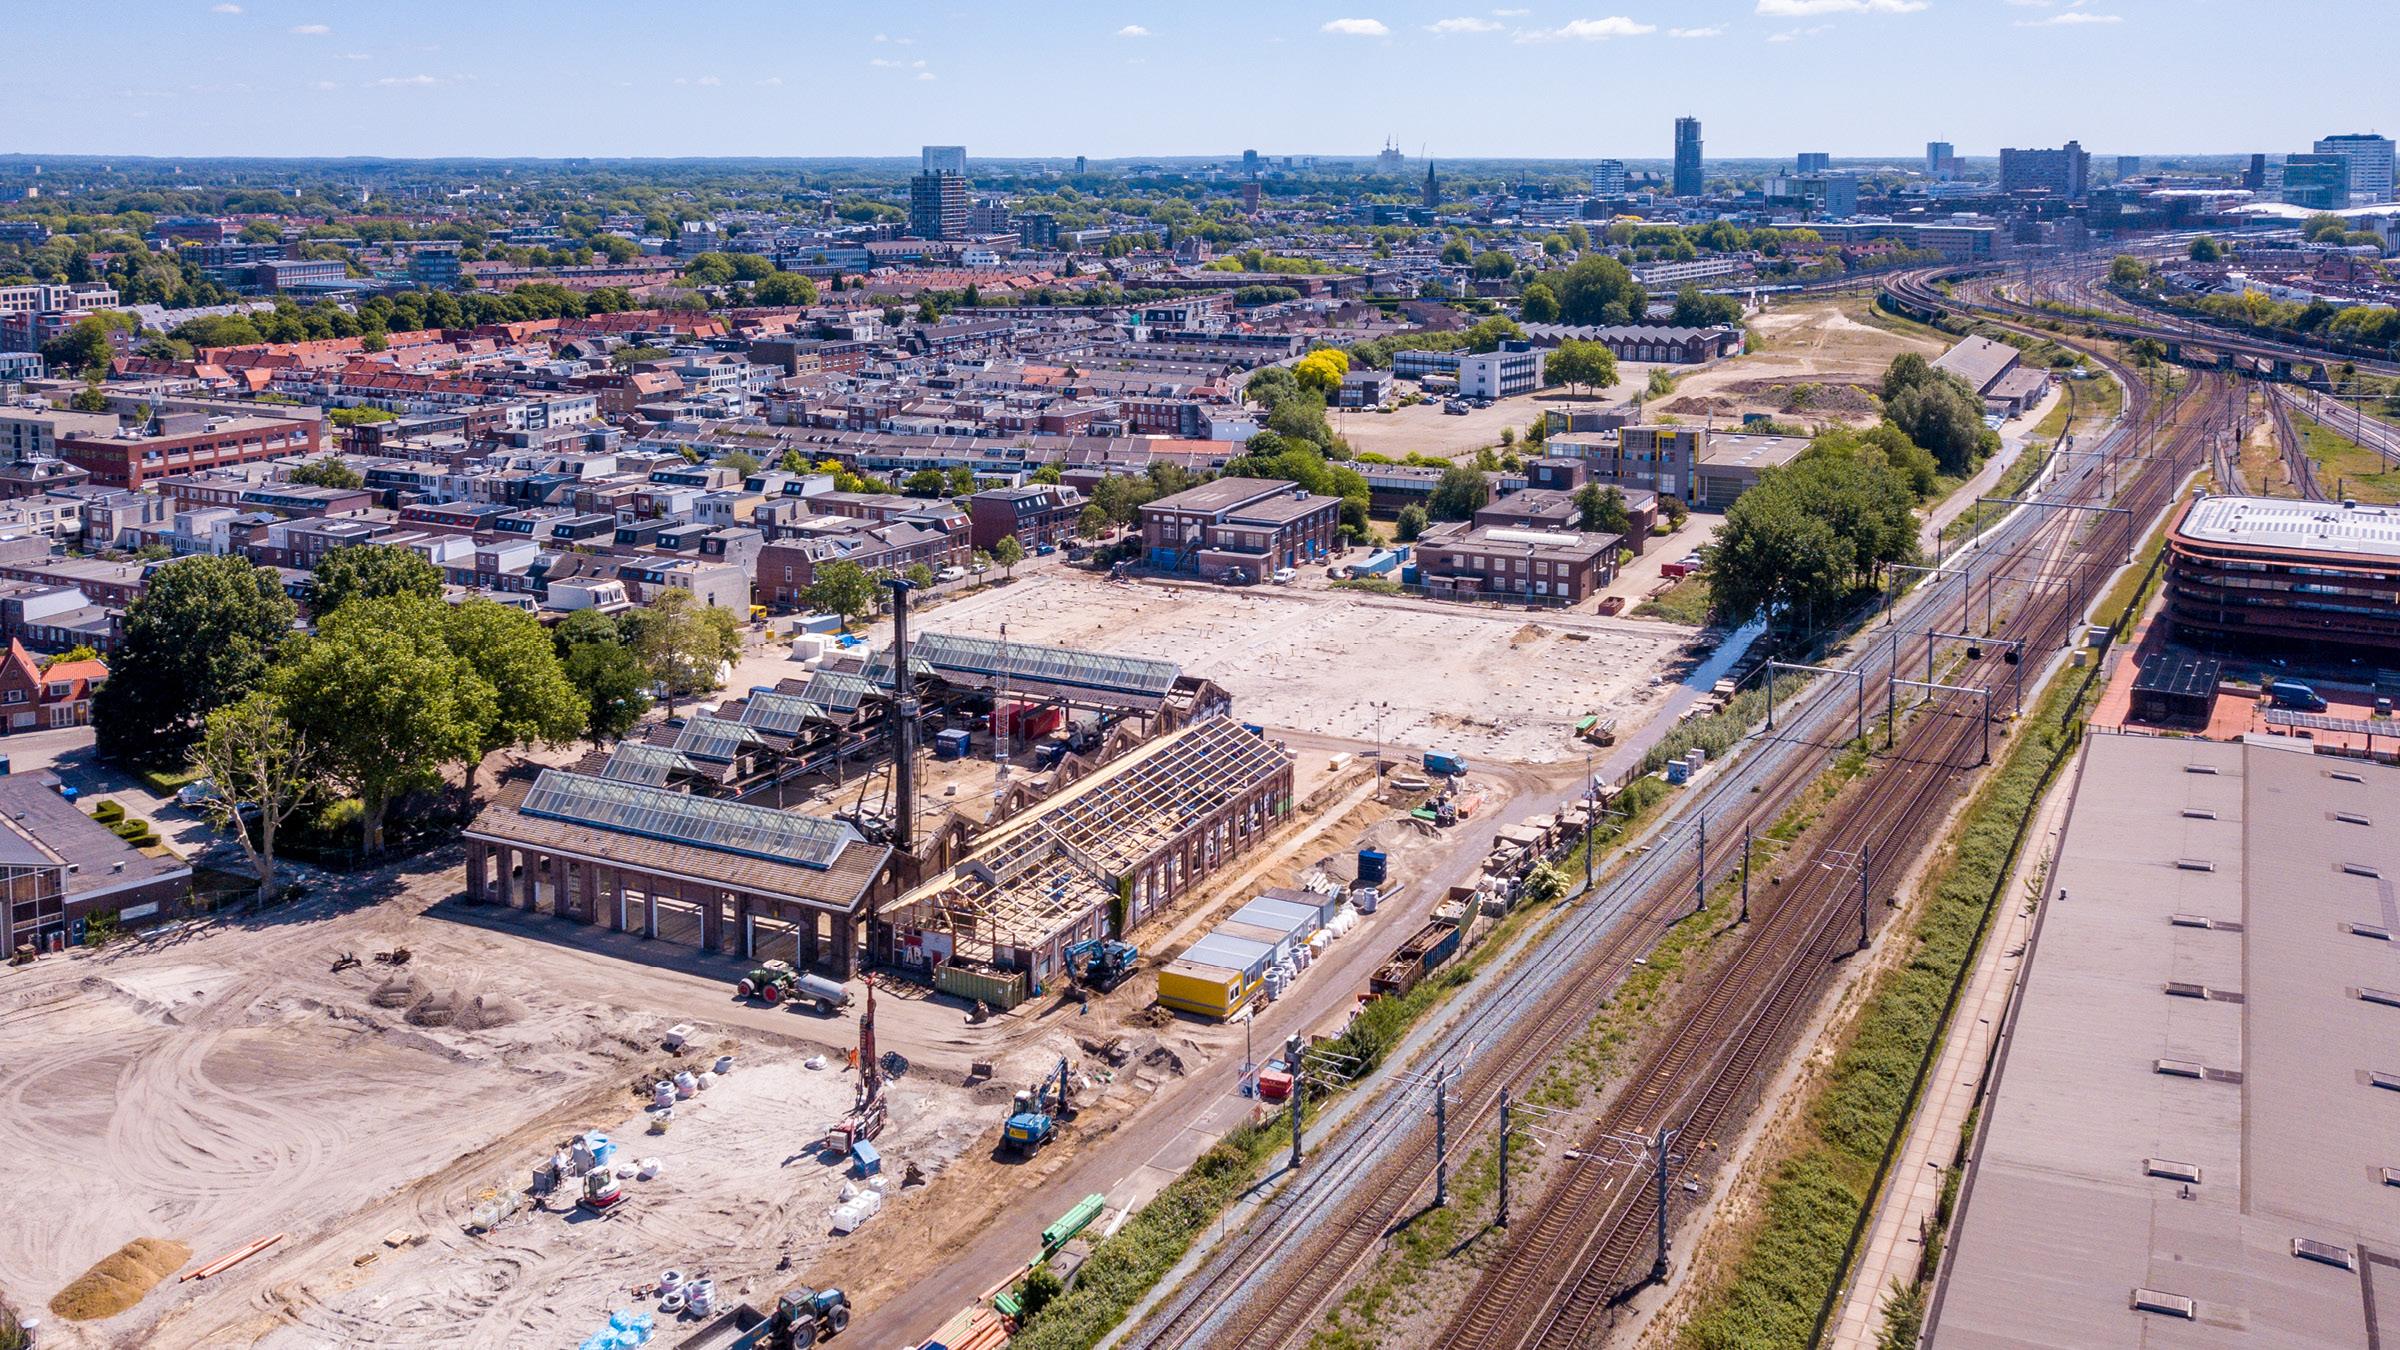 Heiwerkzaamheden afgerond parkeergarage Wisselspoor Utrecht